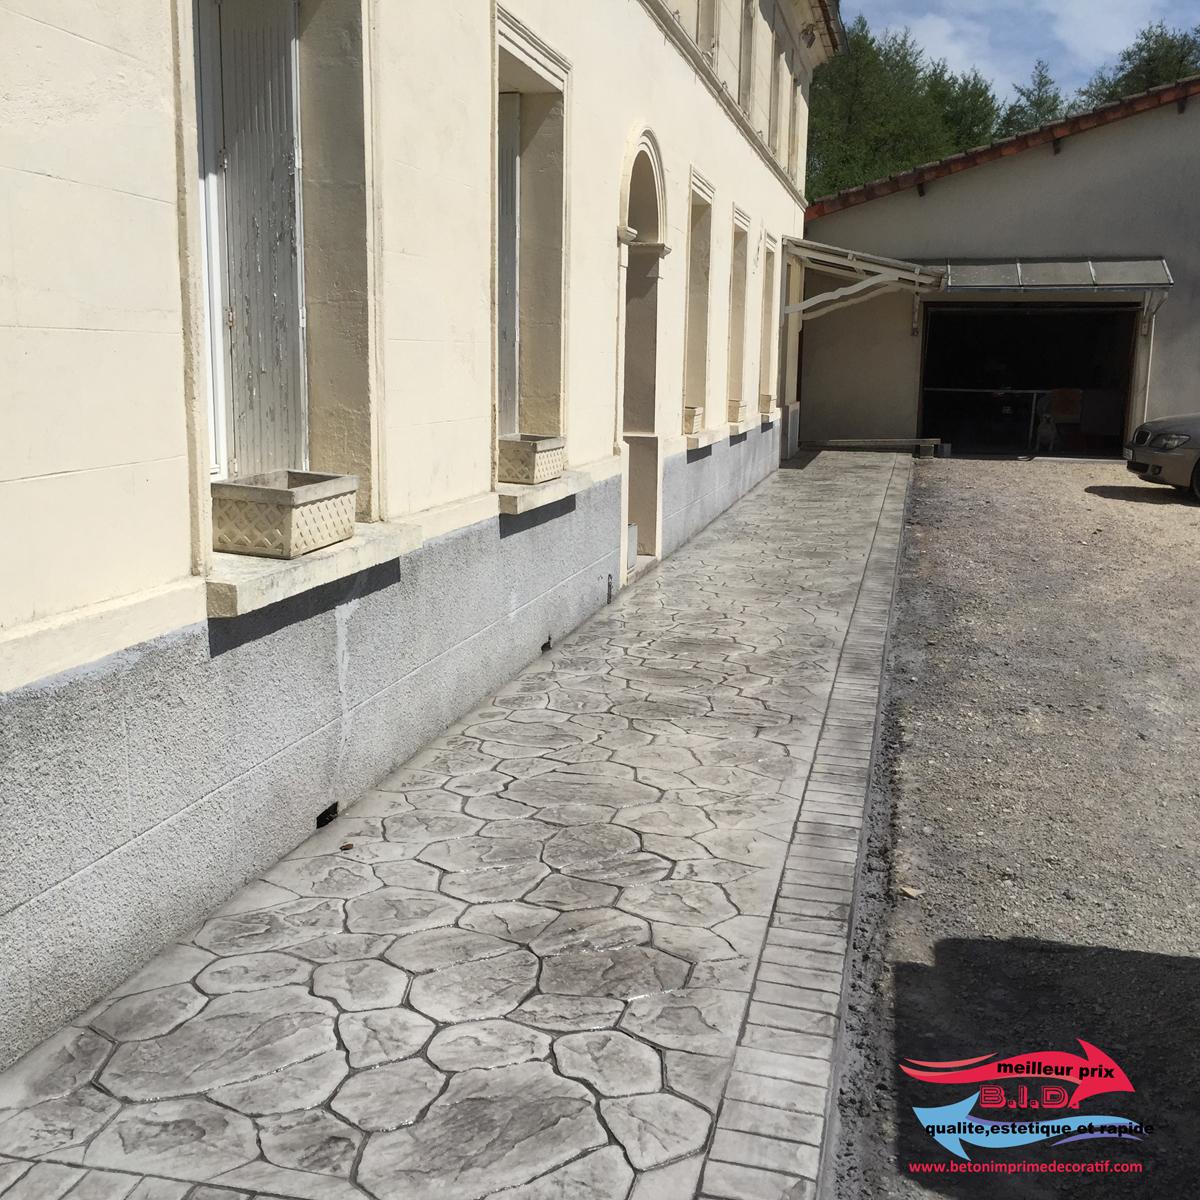 Béton Imprimé St Ciers Sur Gironde (Bordeaux) U2013 Mme. Bouvet